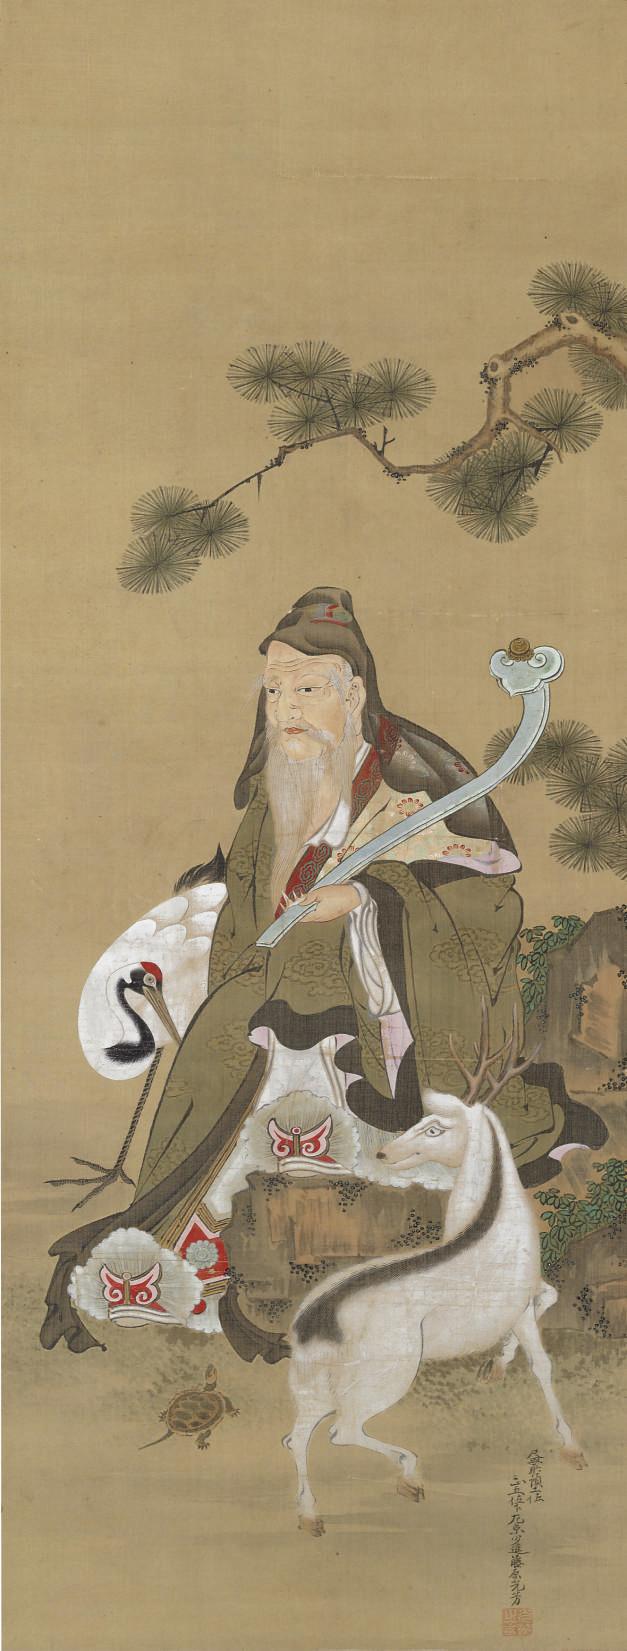 Tosa Mitsuyoshi (1700-1772)